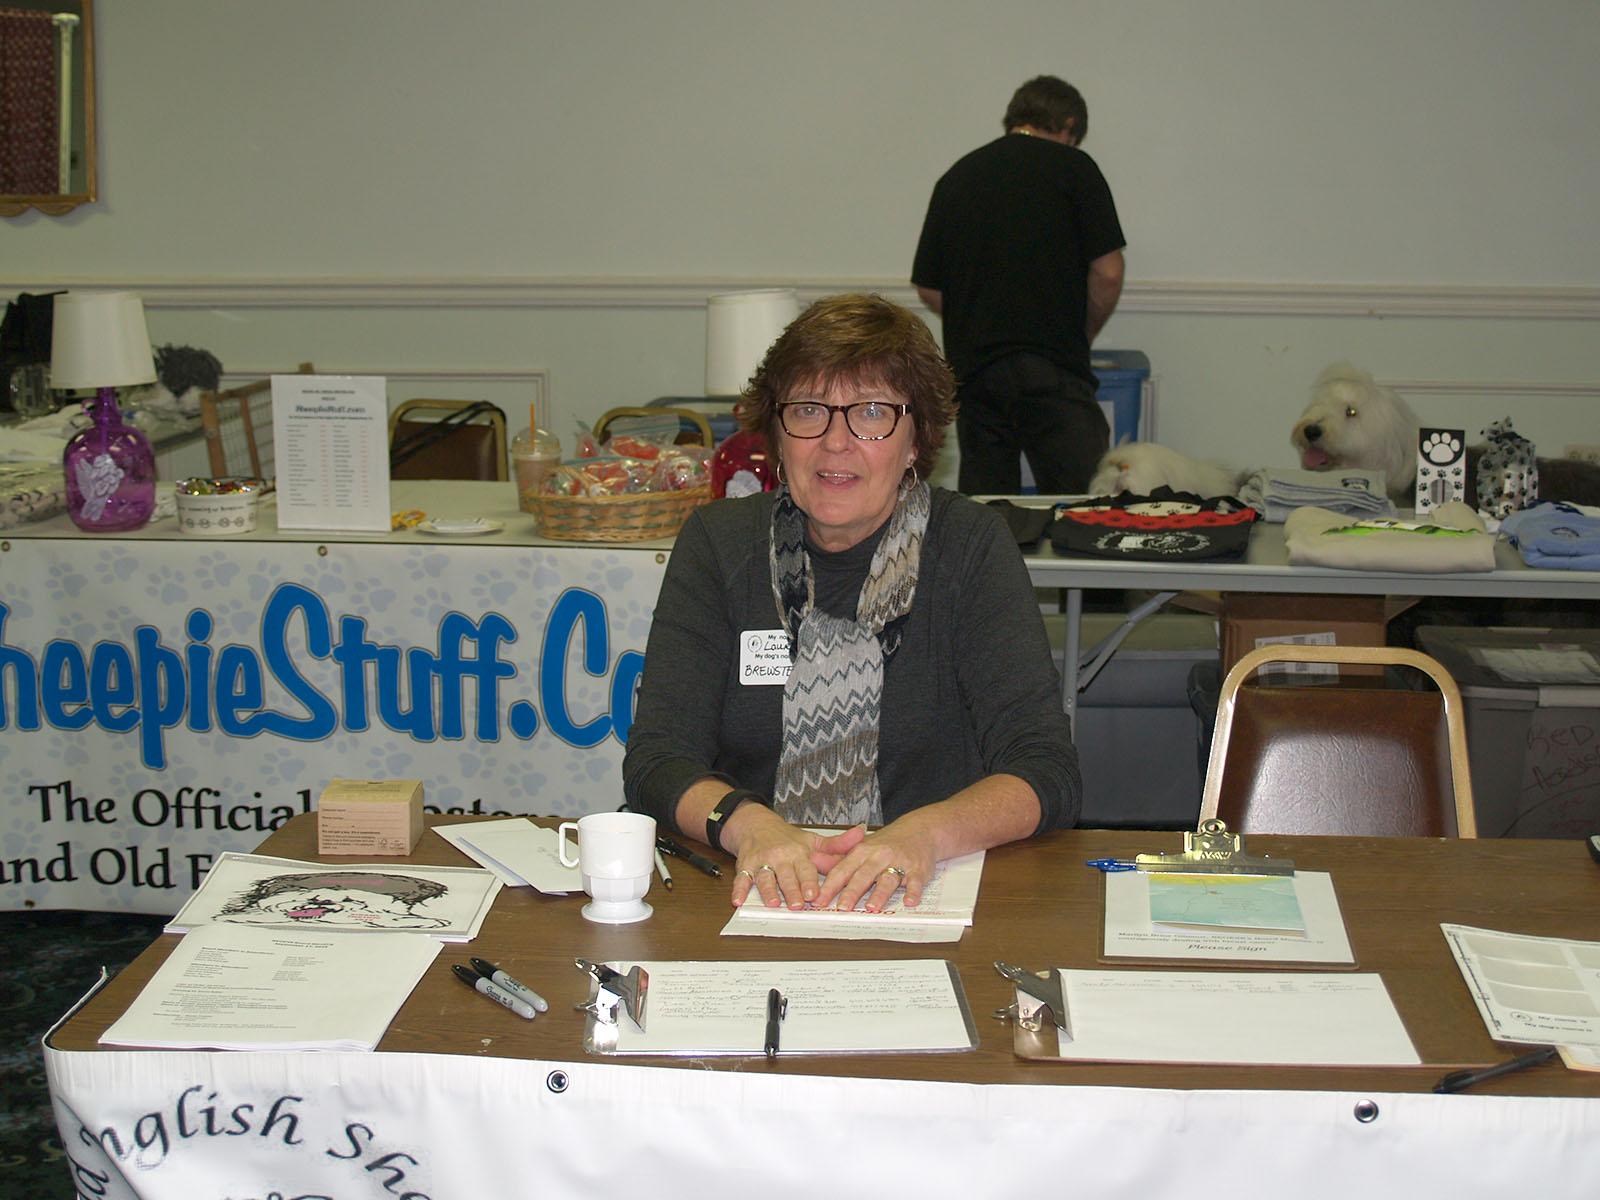 Lauren McIntyre at the Welcome Desk